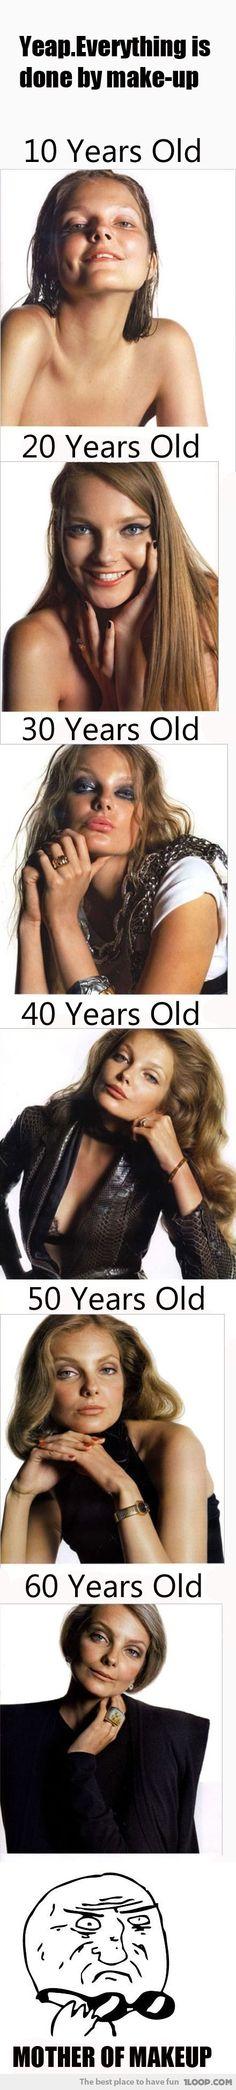 Power of Makeup.